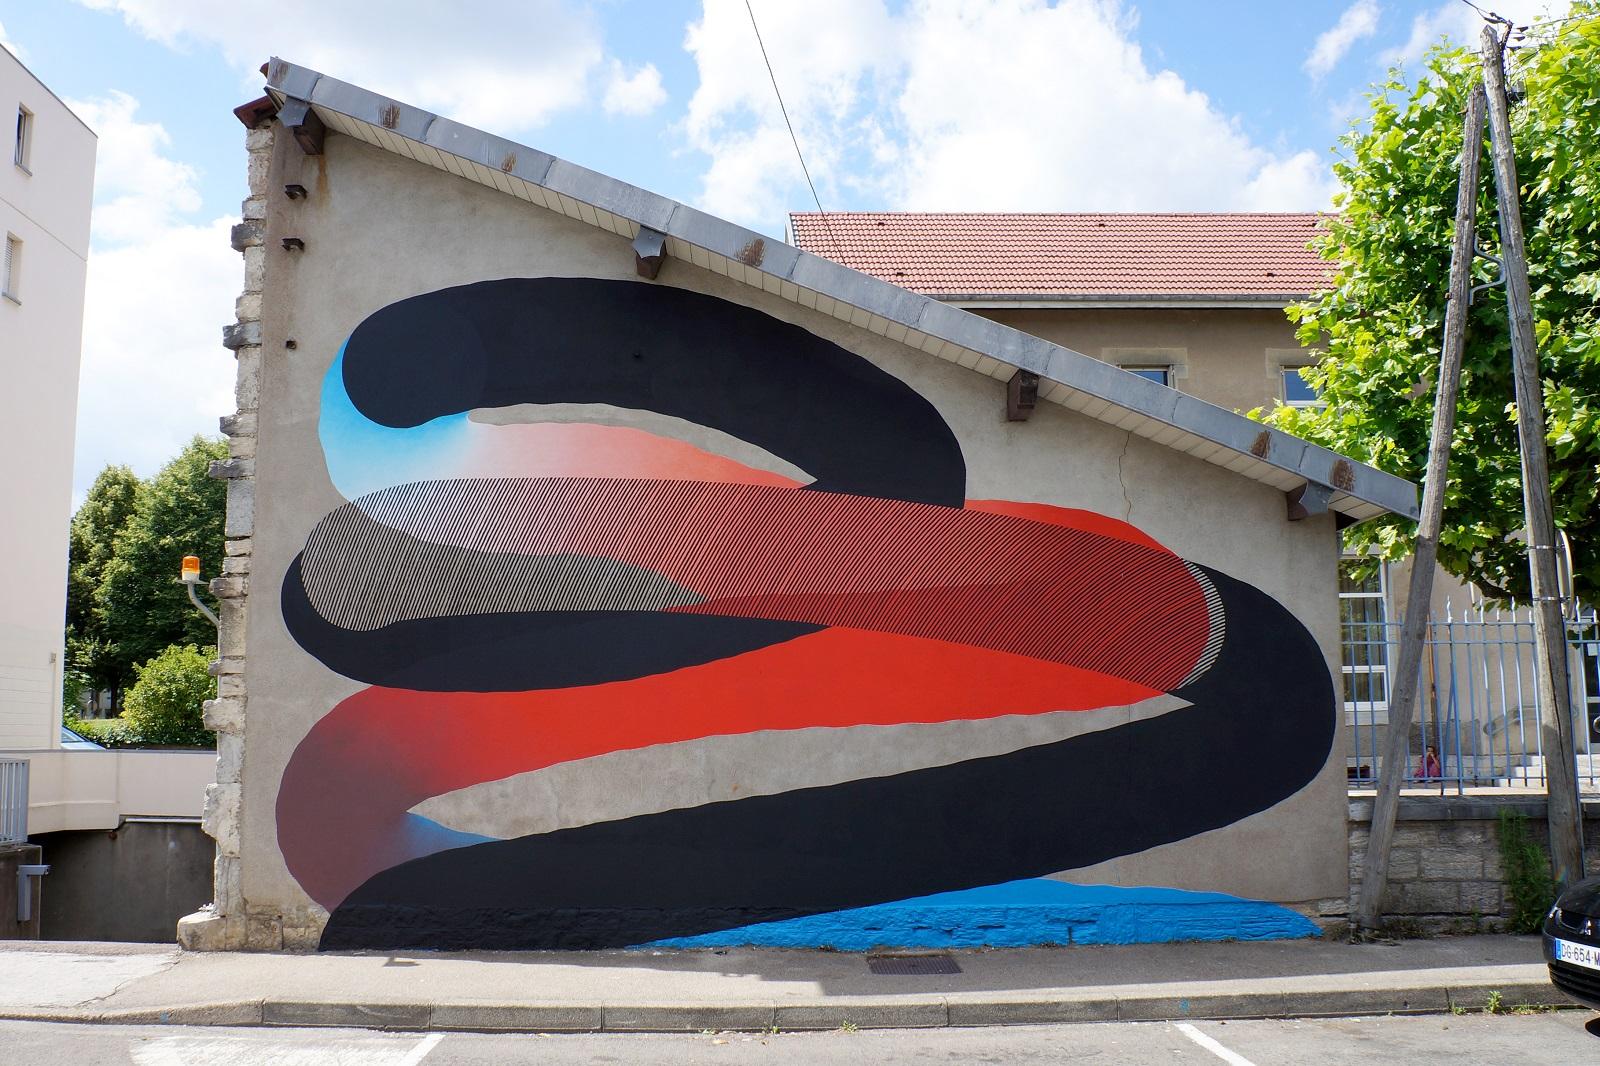 momo-new-murals-for-bien-urbain-festival-2014-05